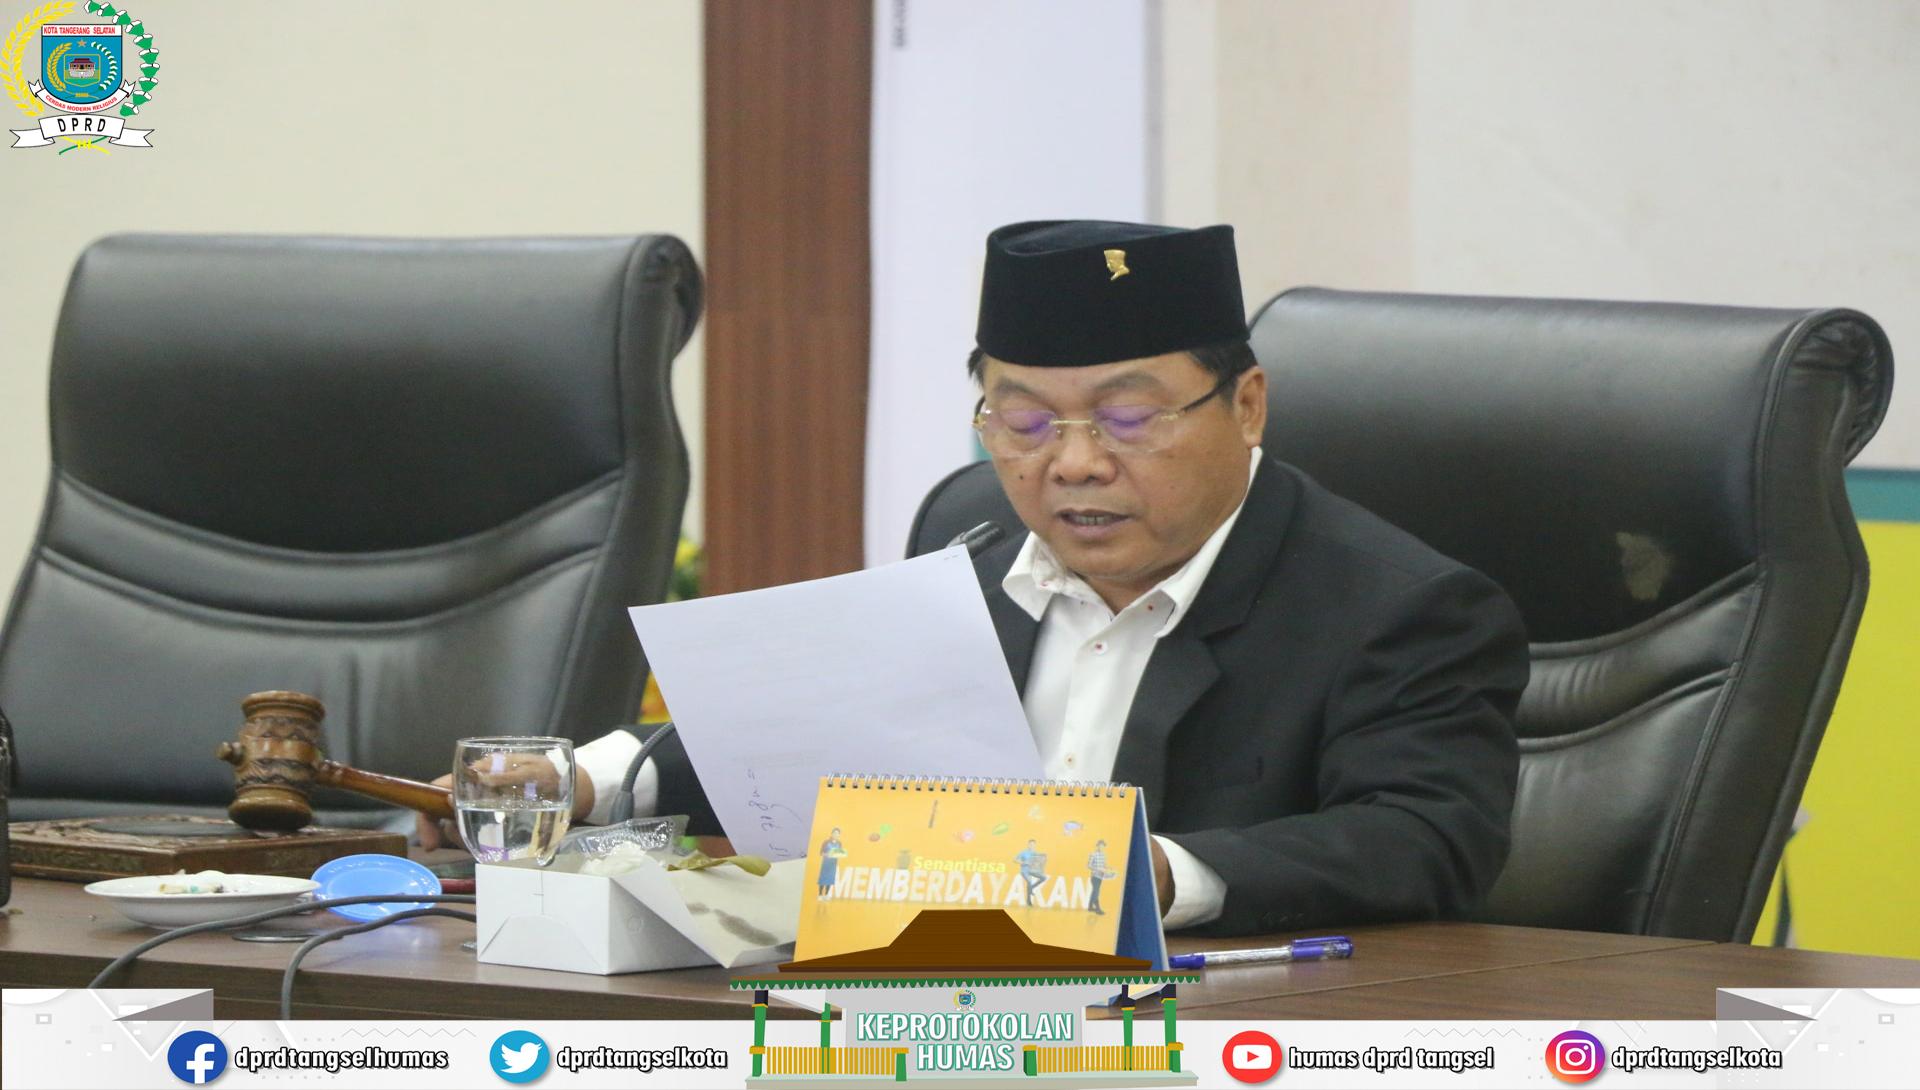 Banmus gelar Rapat dengan Agenda Penjadwalan Alat Kelengkapan DPRD